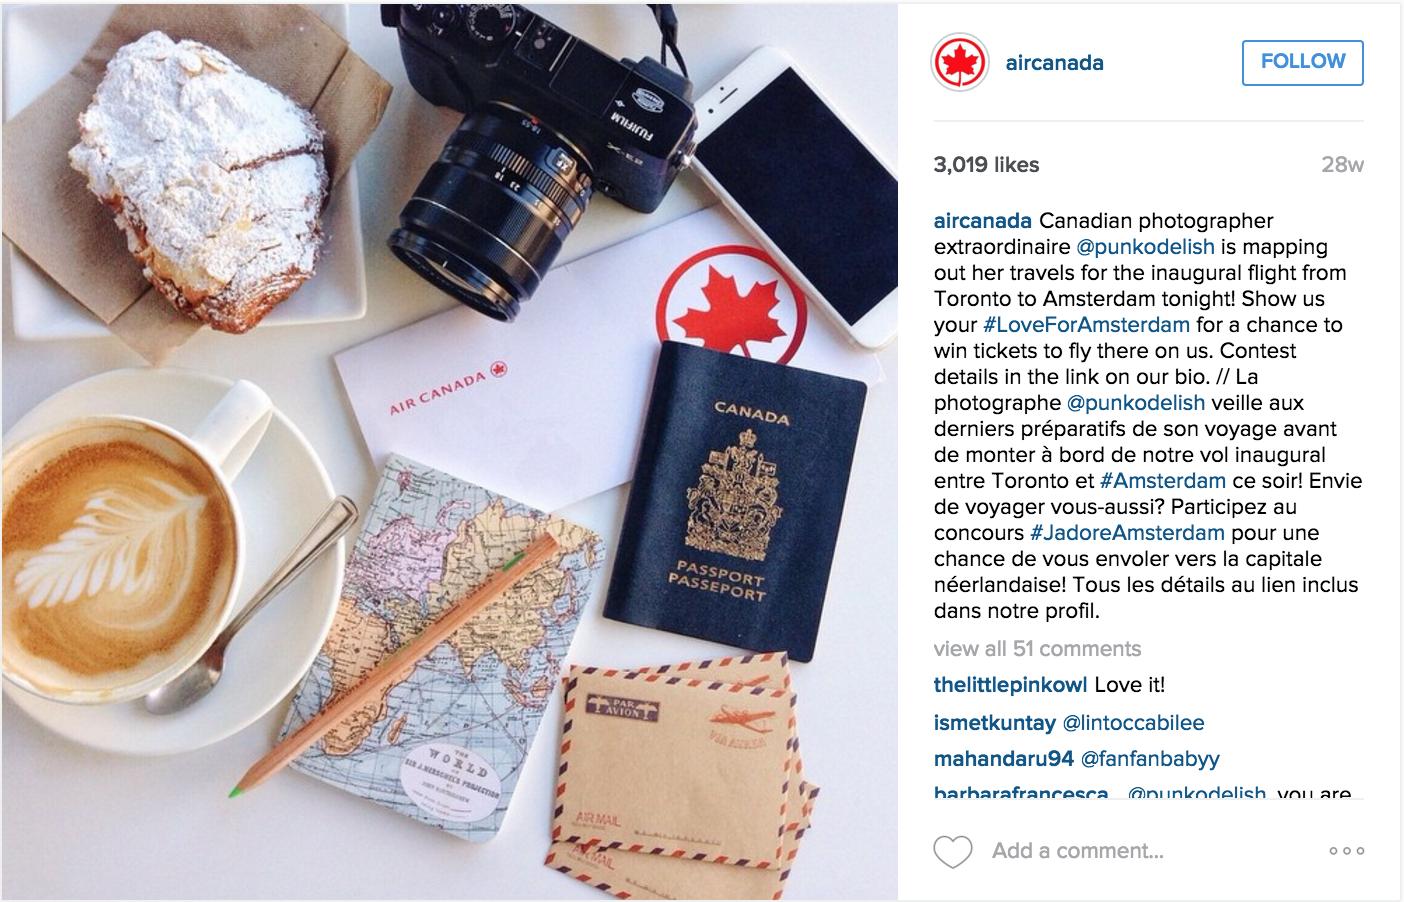 Air Canada - Instagram Campaign